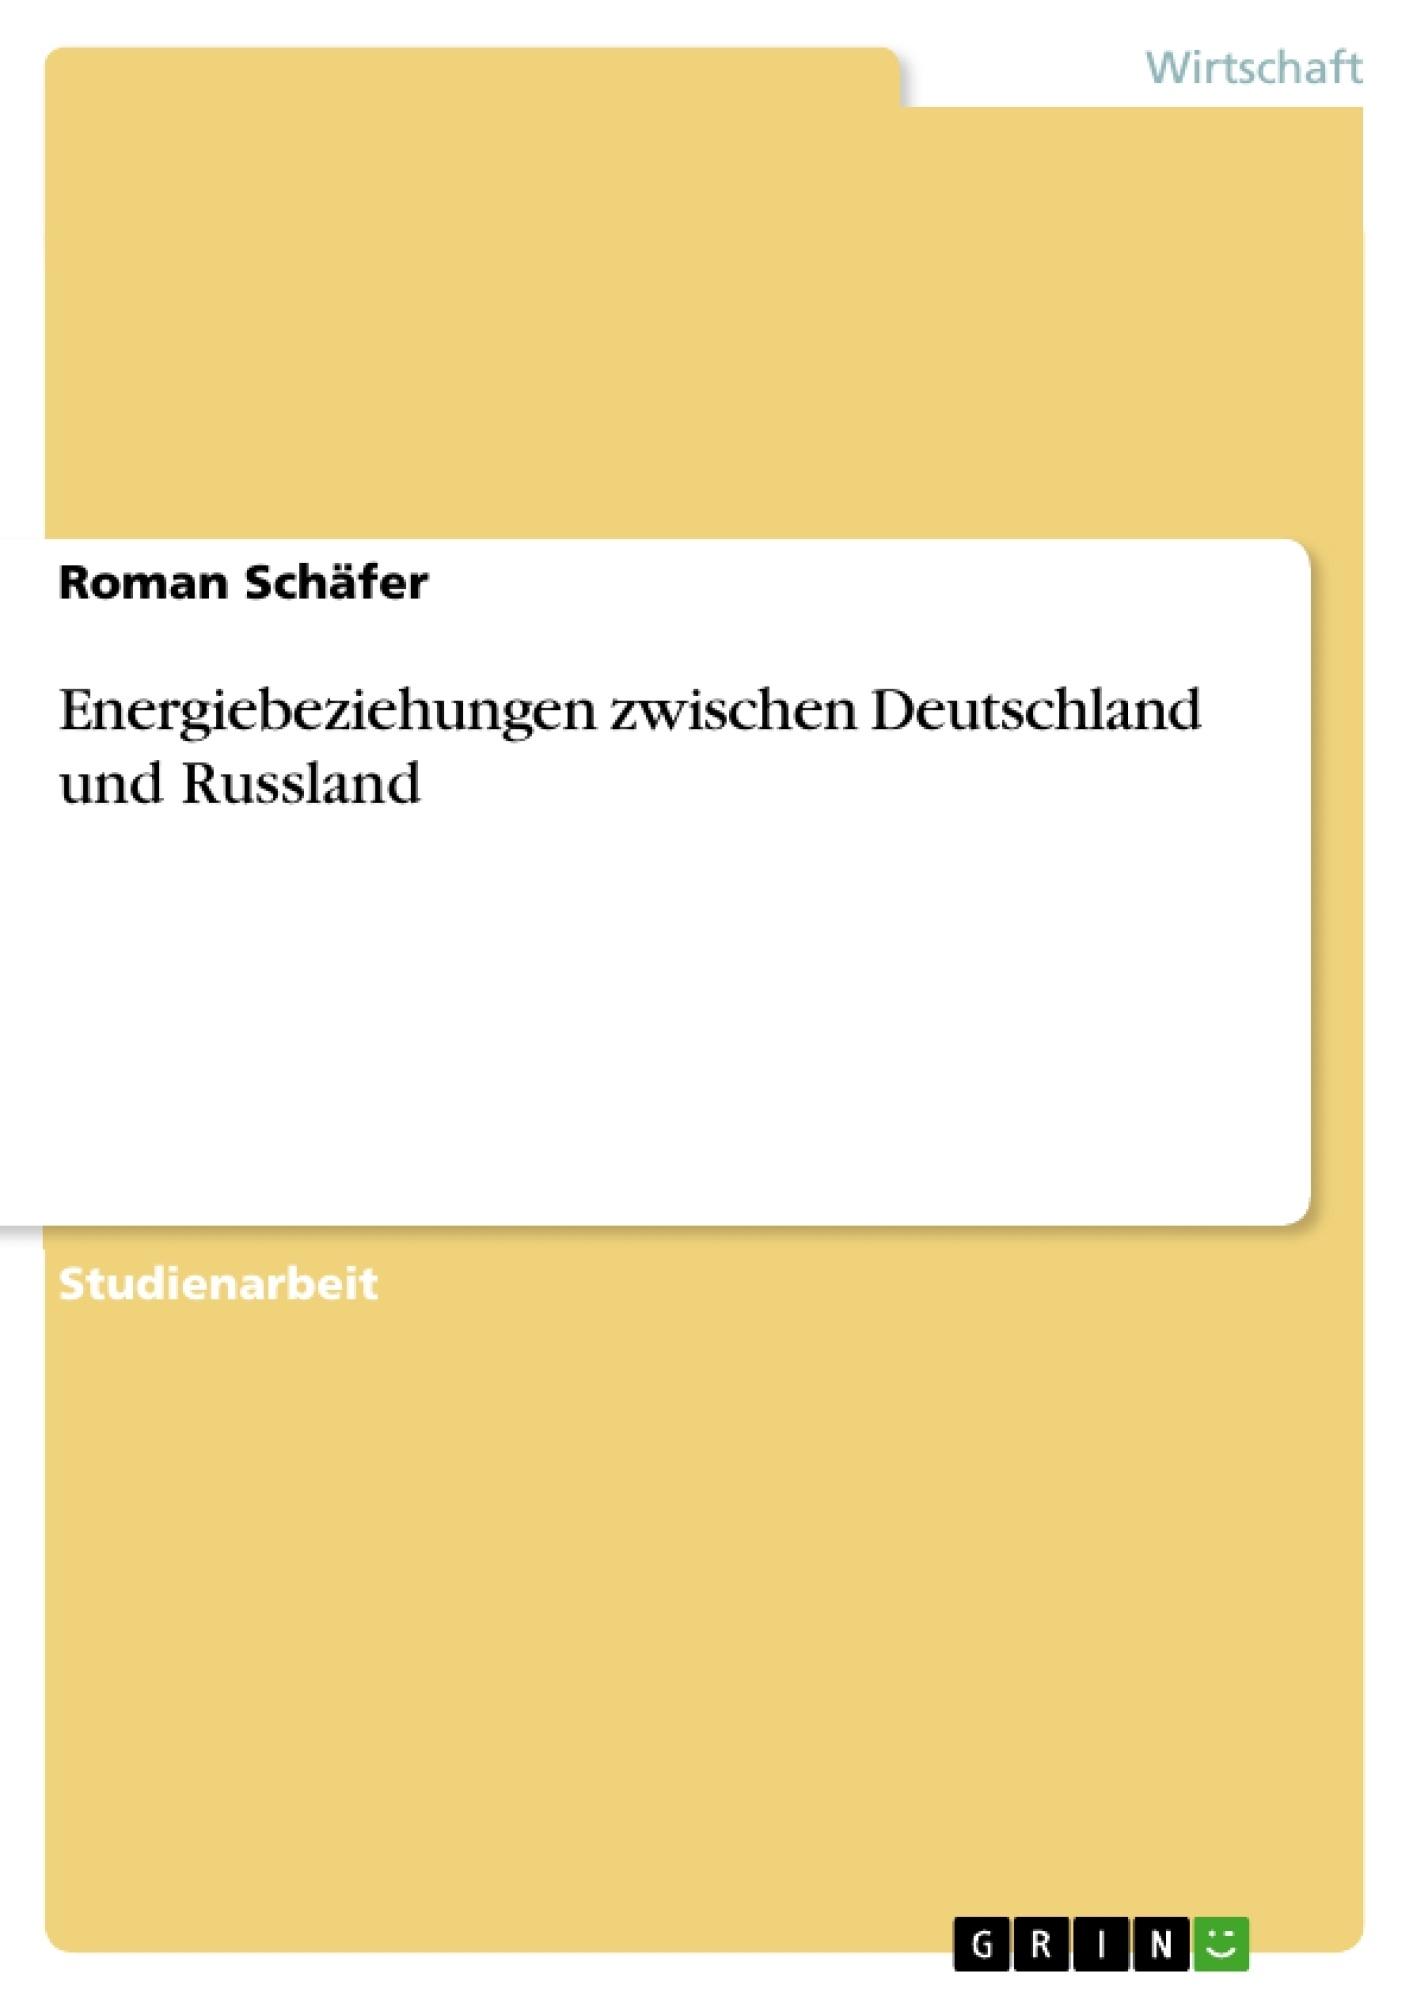 Titel: Energiebeziehungen zwischen Deutschland und Russland